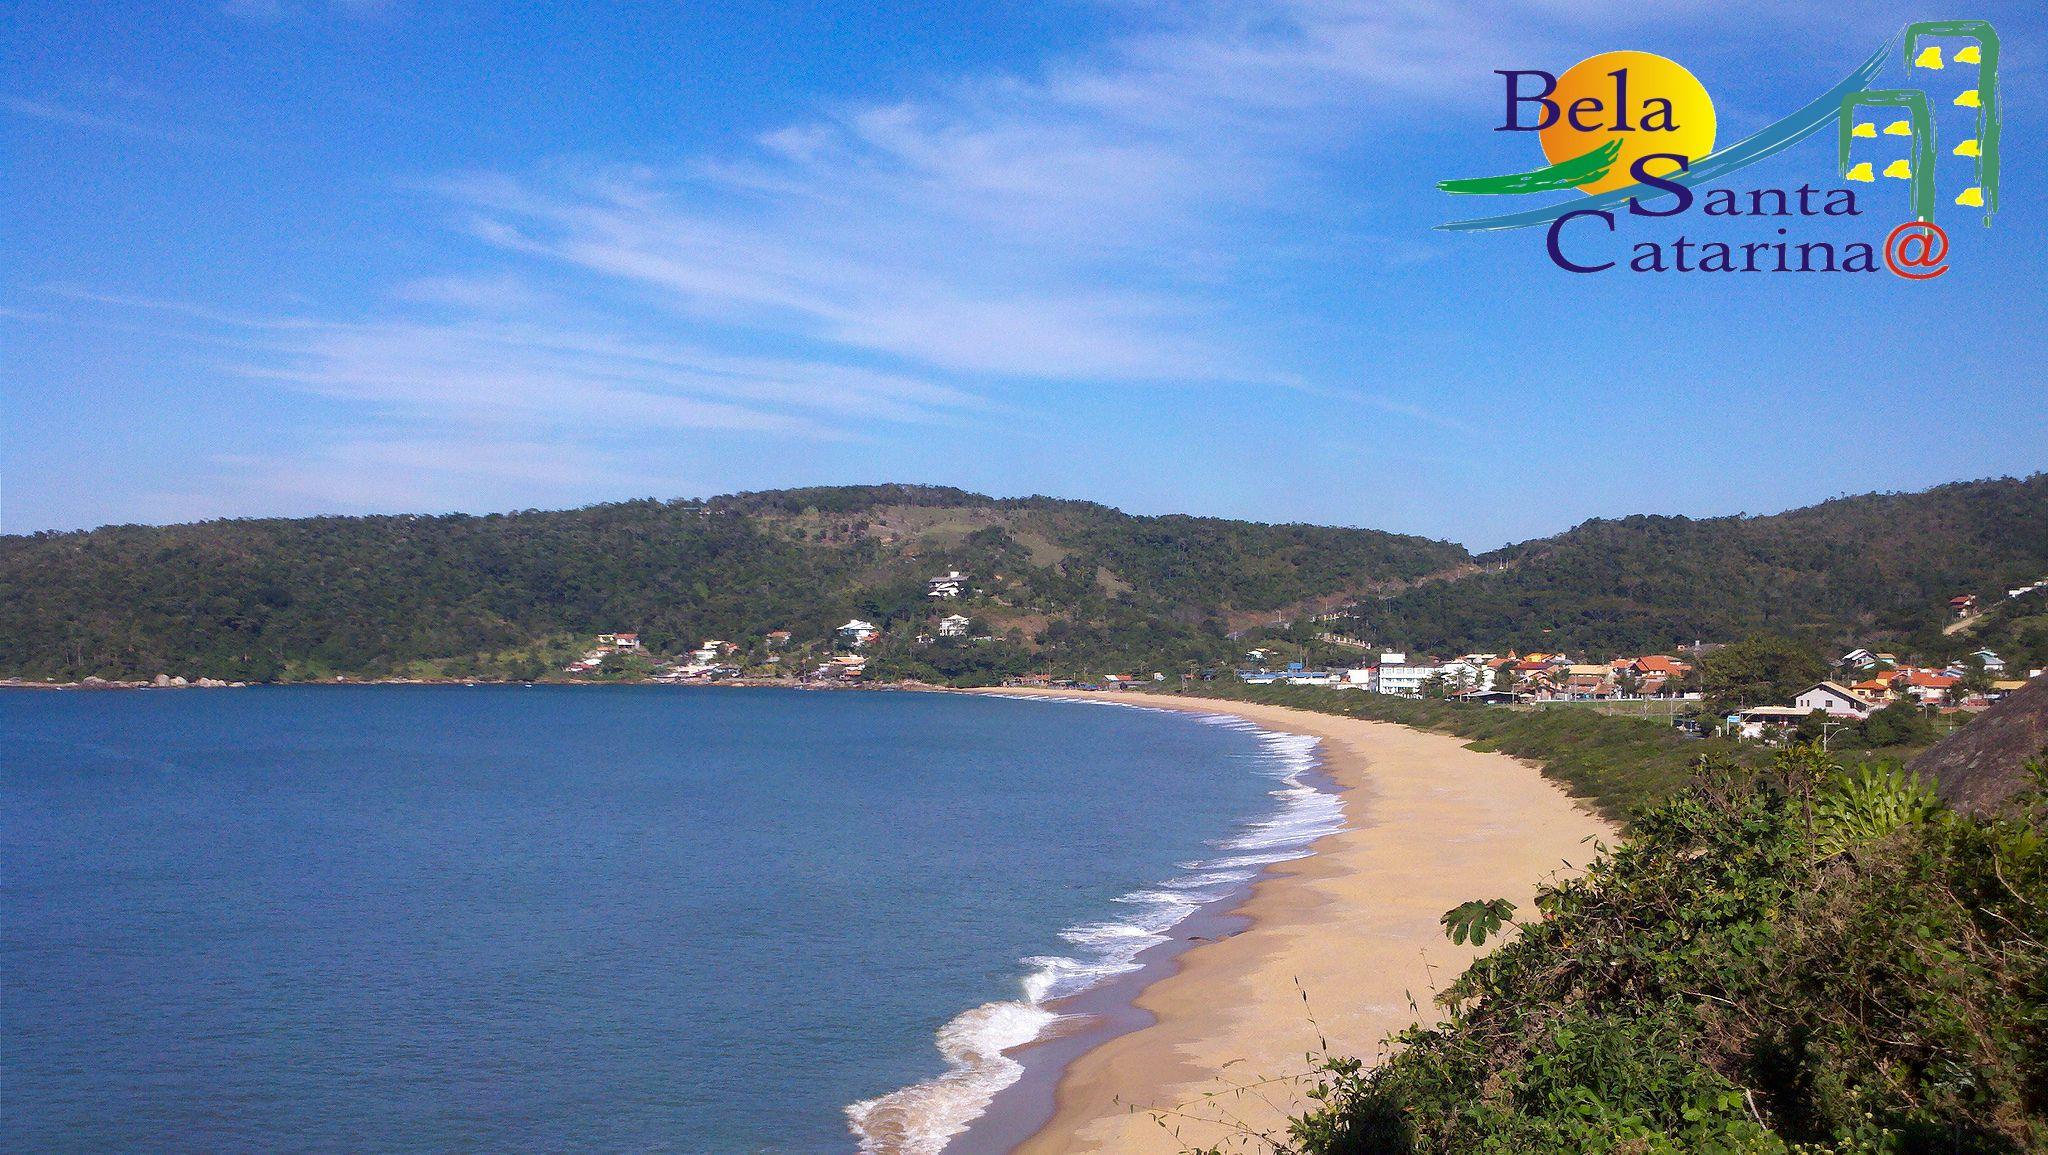 Taquarinhas, Balneário Camboriú - www.belasantacatarina.com.br/camboriu